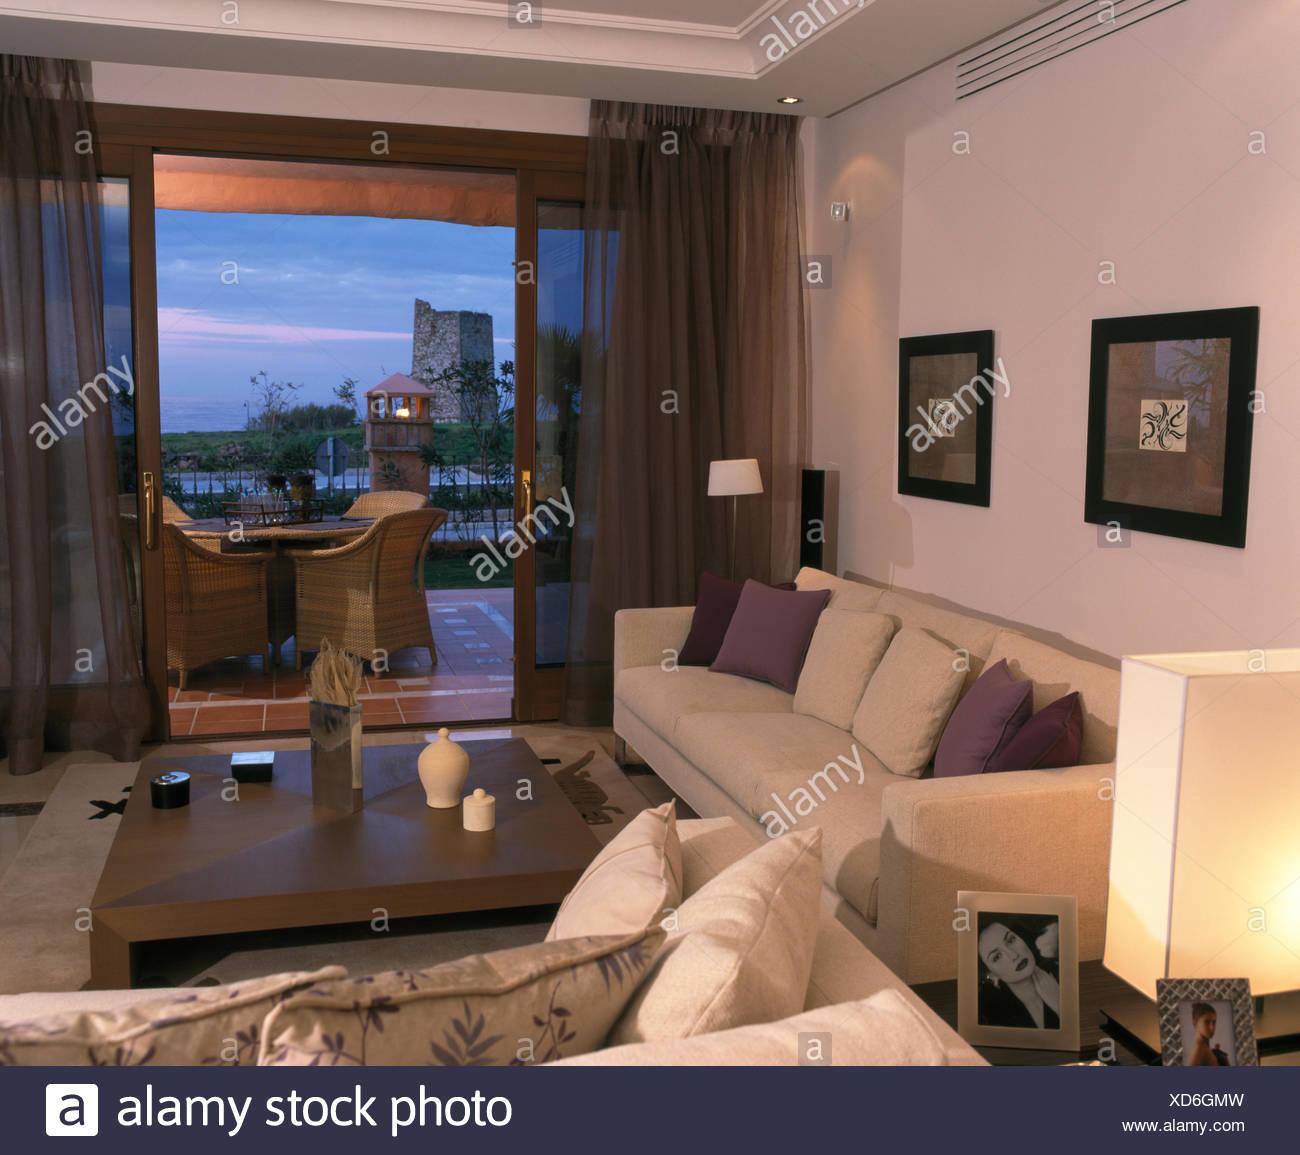 Divani bianchi in spagnolo soggiorno marrone con voile drappeggi su ...